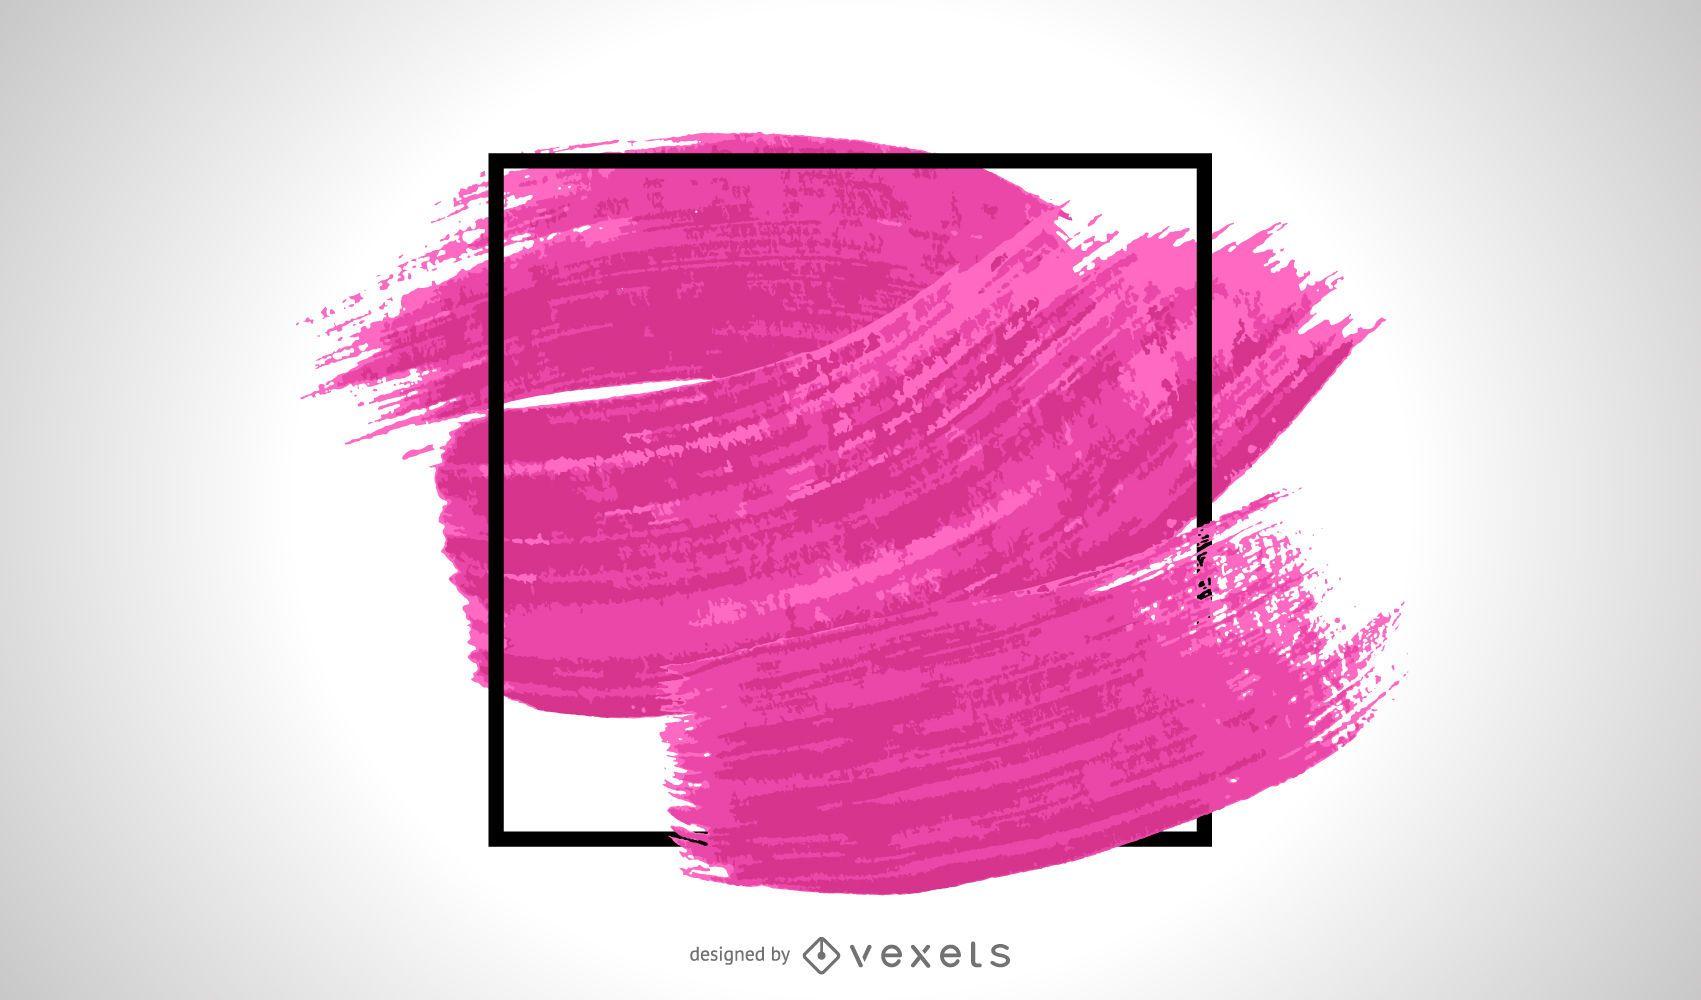 Violetter Pinselstrich im Rahmen